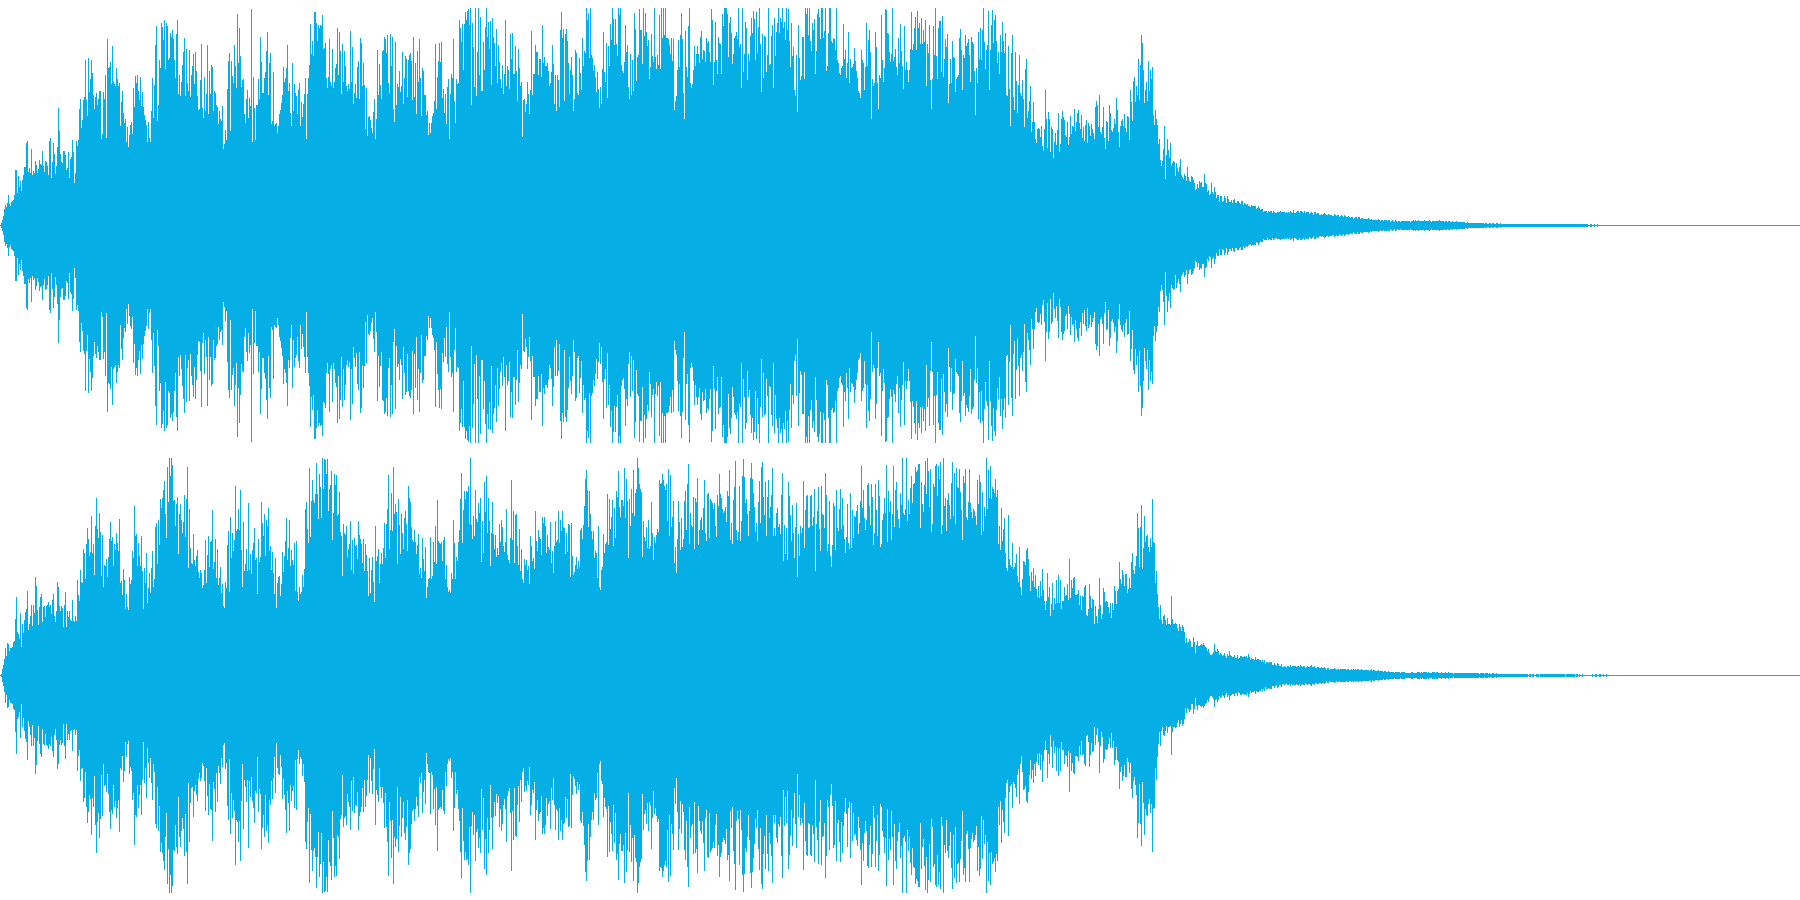 期待の結果発表などに最適ジングル約10秒の再生済みの波形